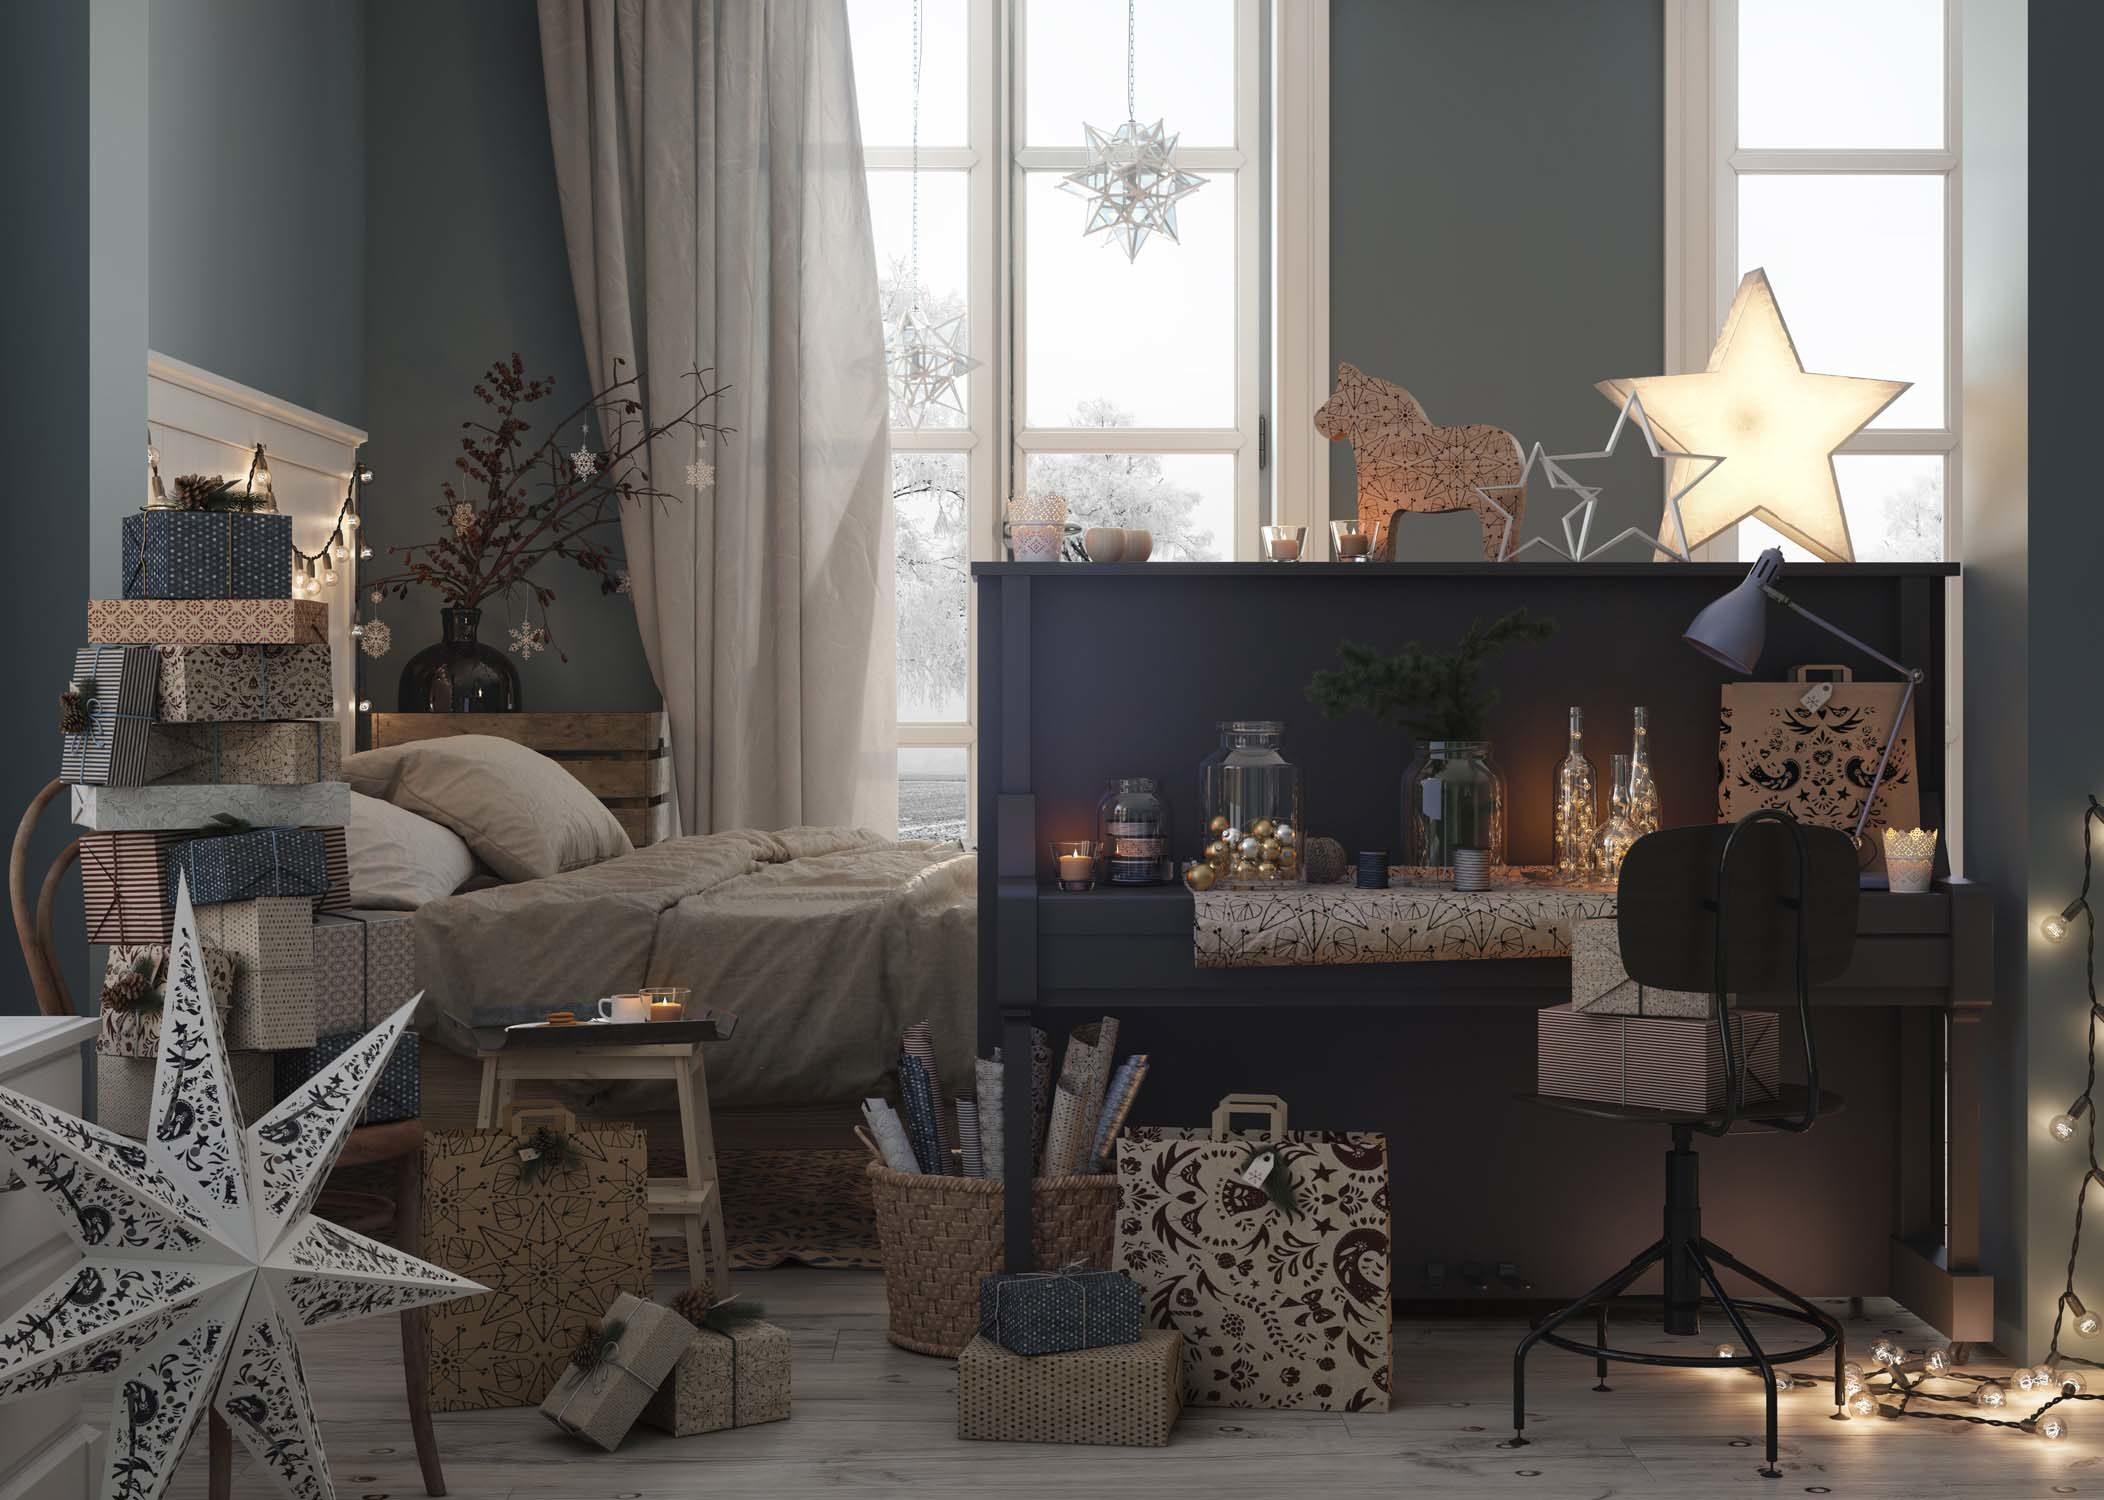 Merry Christmas – Level Creative studio, 2016